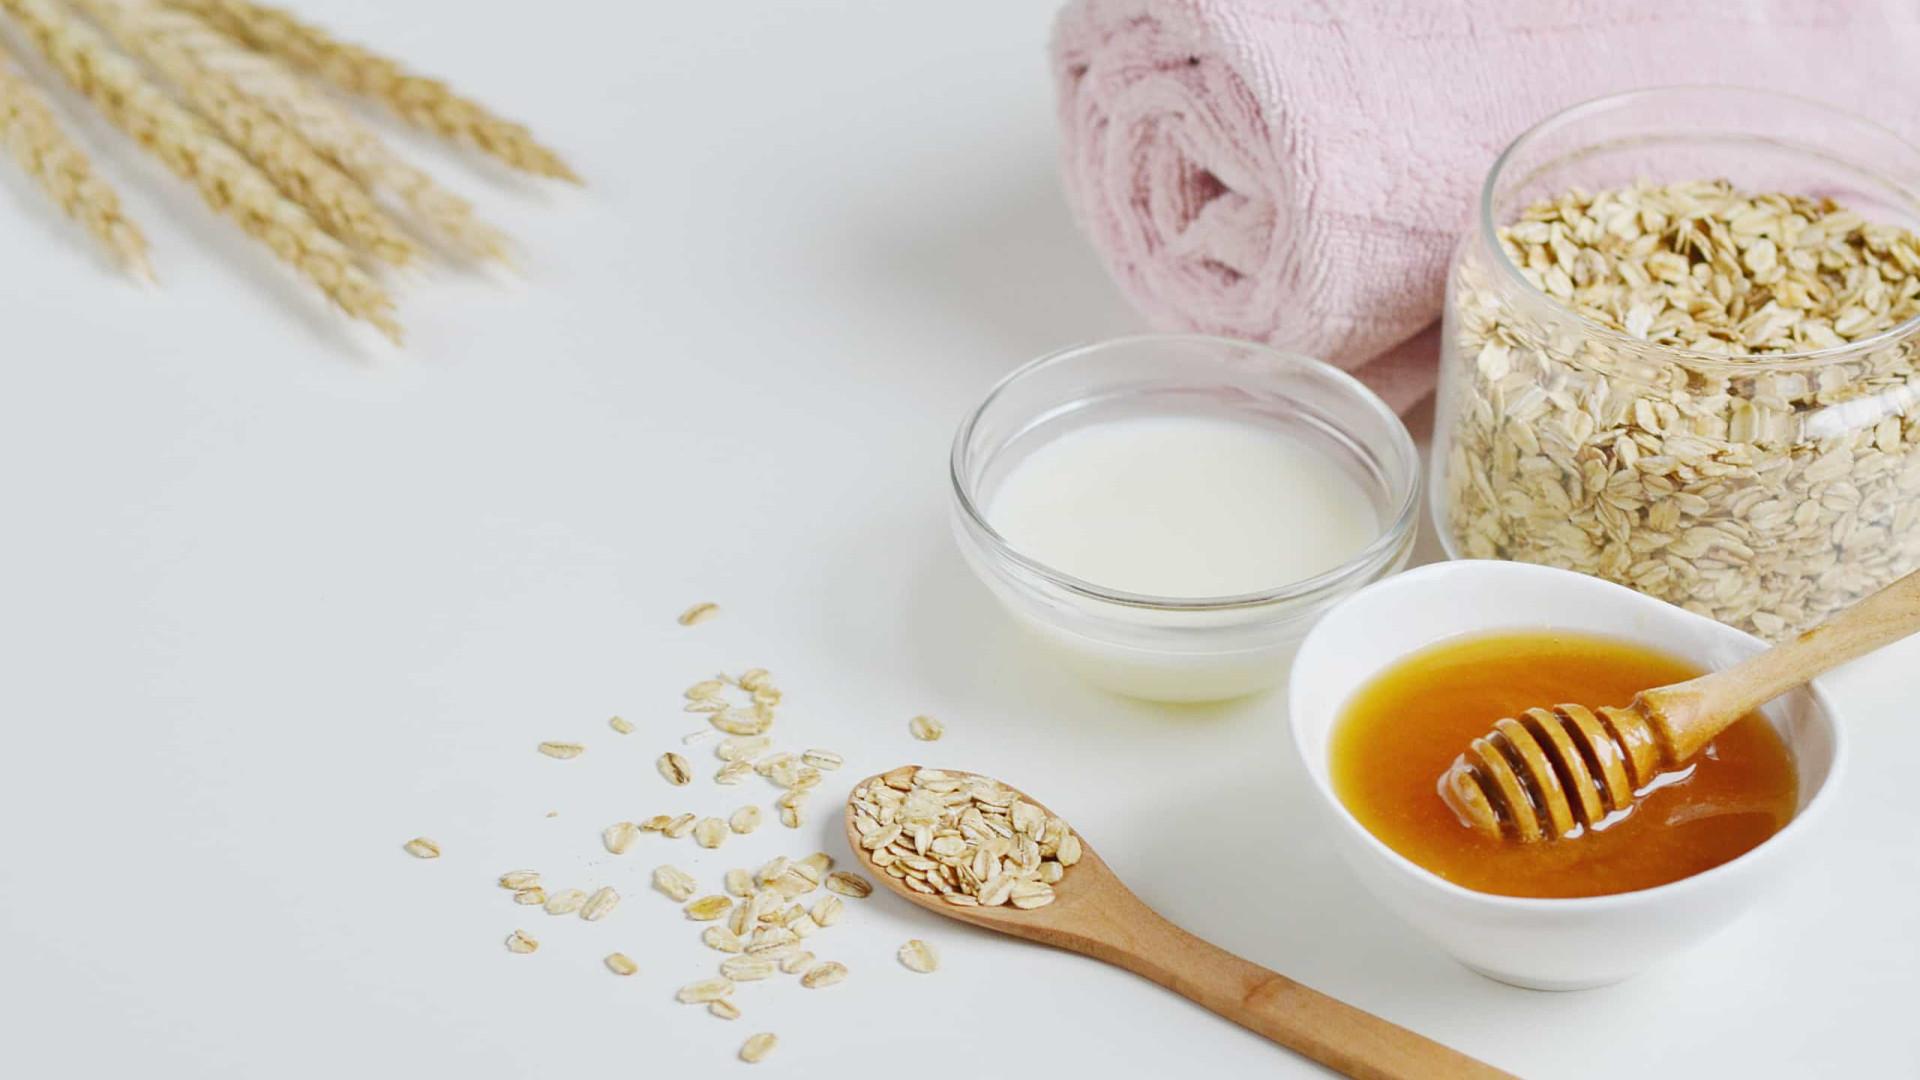 Dermatologista explica como pode utilizar a aveia para limpar o rosto